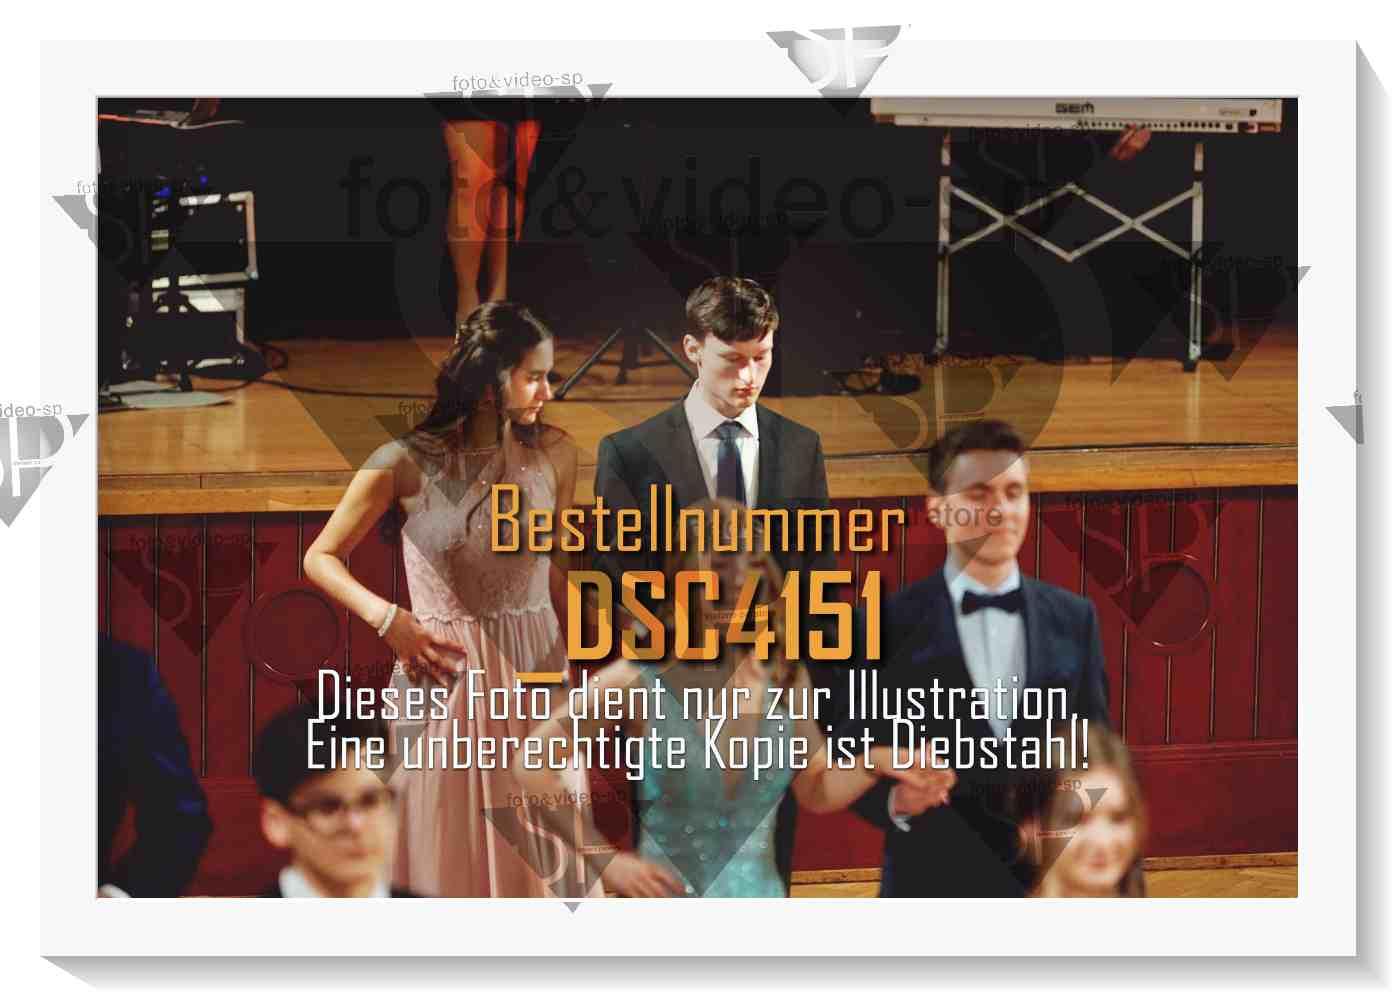 DSC4151